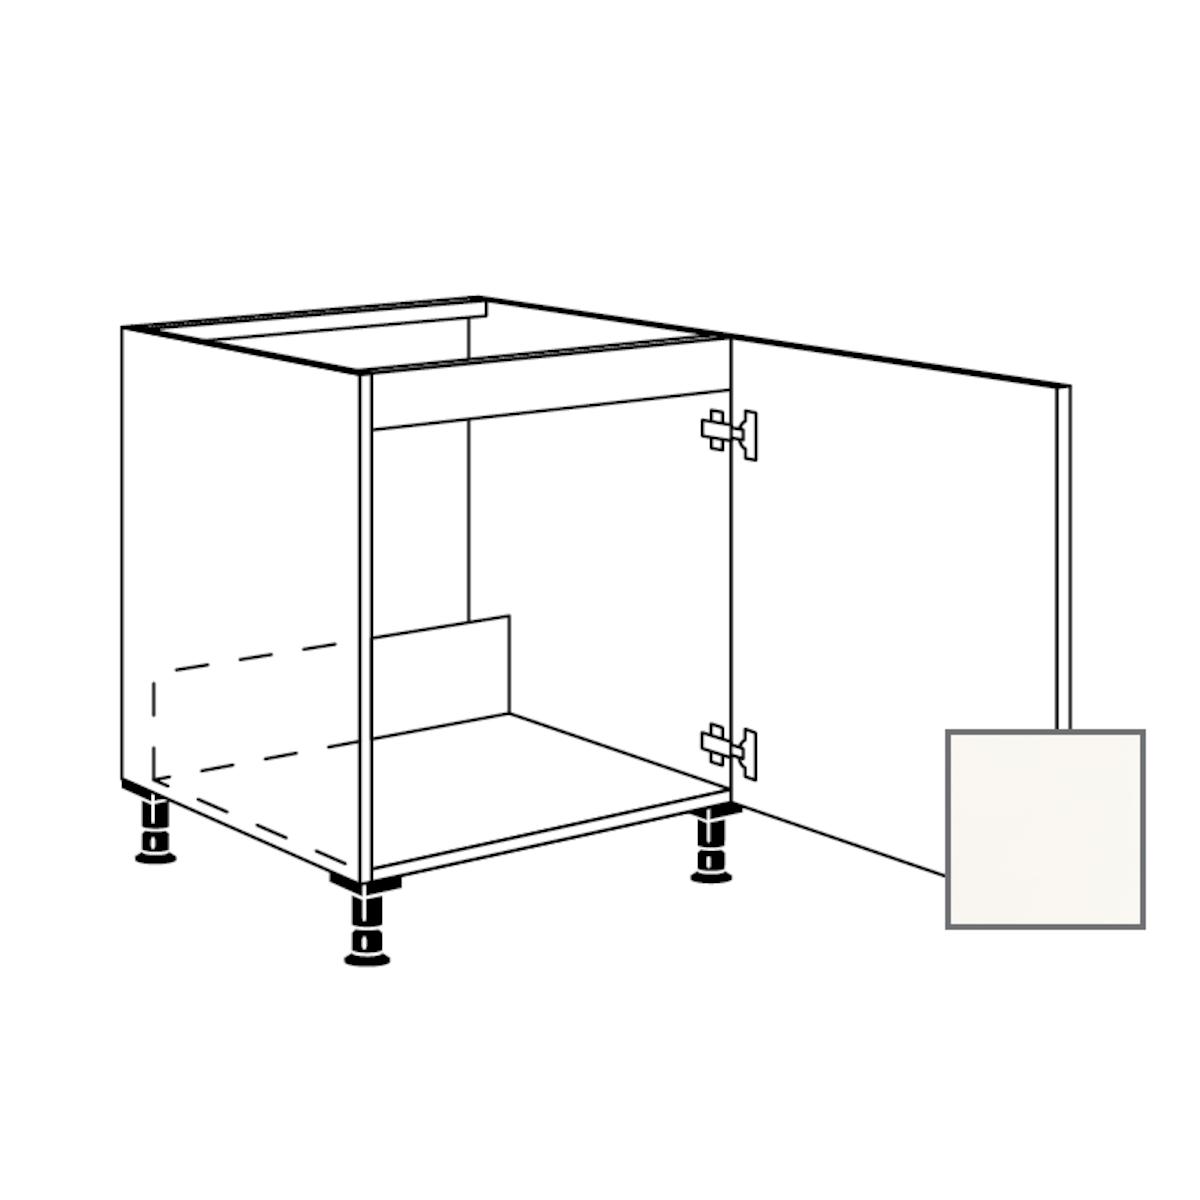 Kuchynská skrinka spodní Naturel Erika24 drezová 60x87x56 cm bílá lesk 450.SPUD60.R